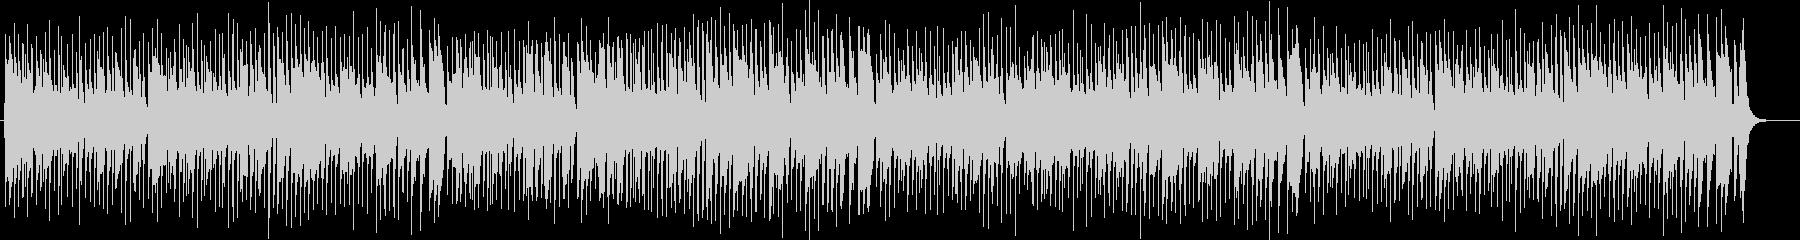 ほのぼのしたオルガン・シンセサウンドの未再生の波形